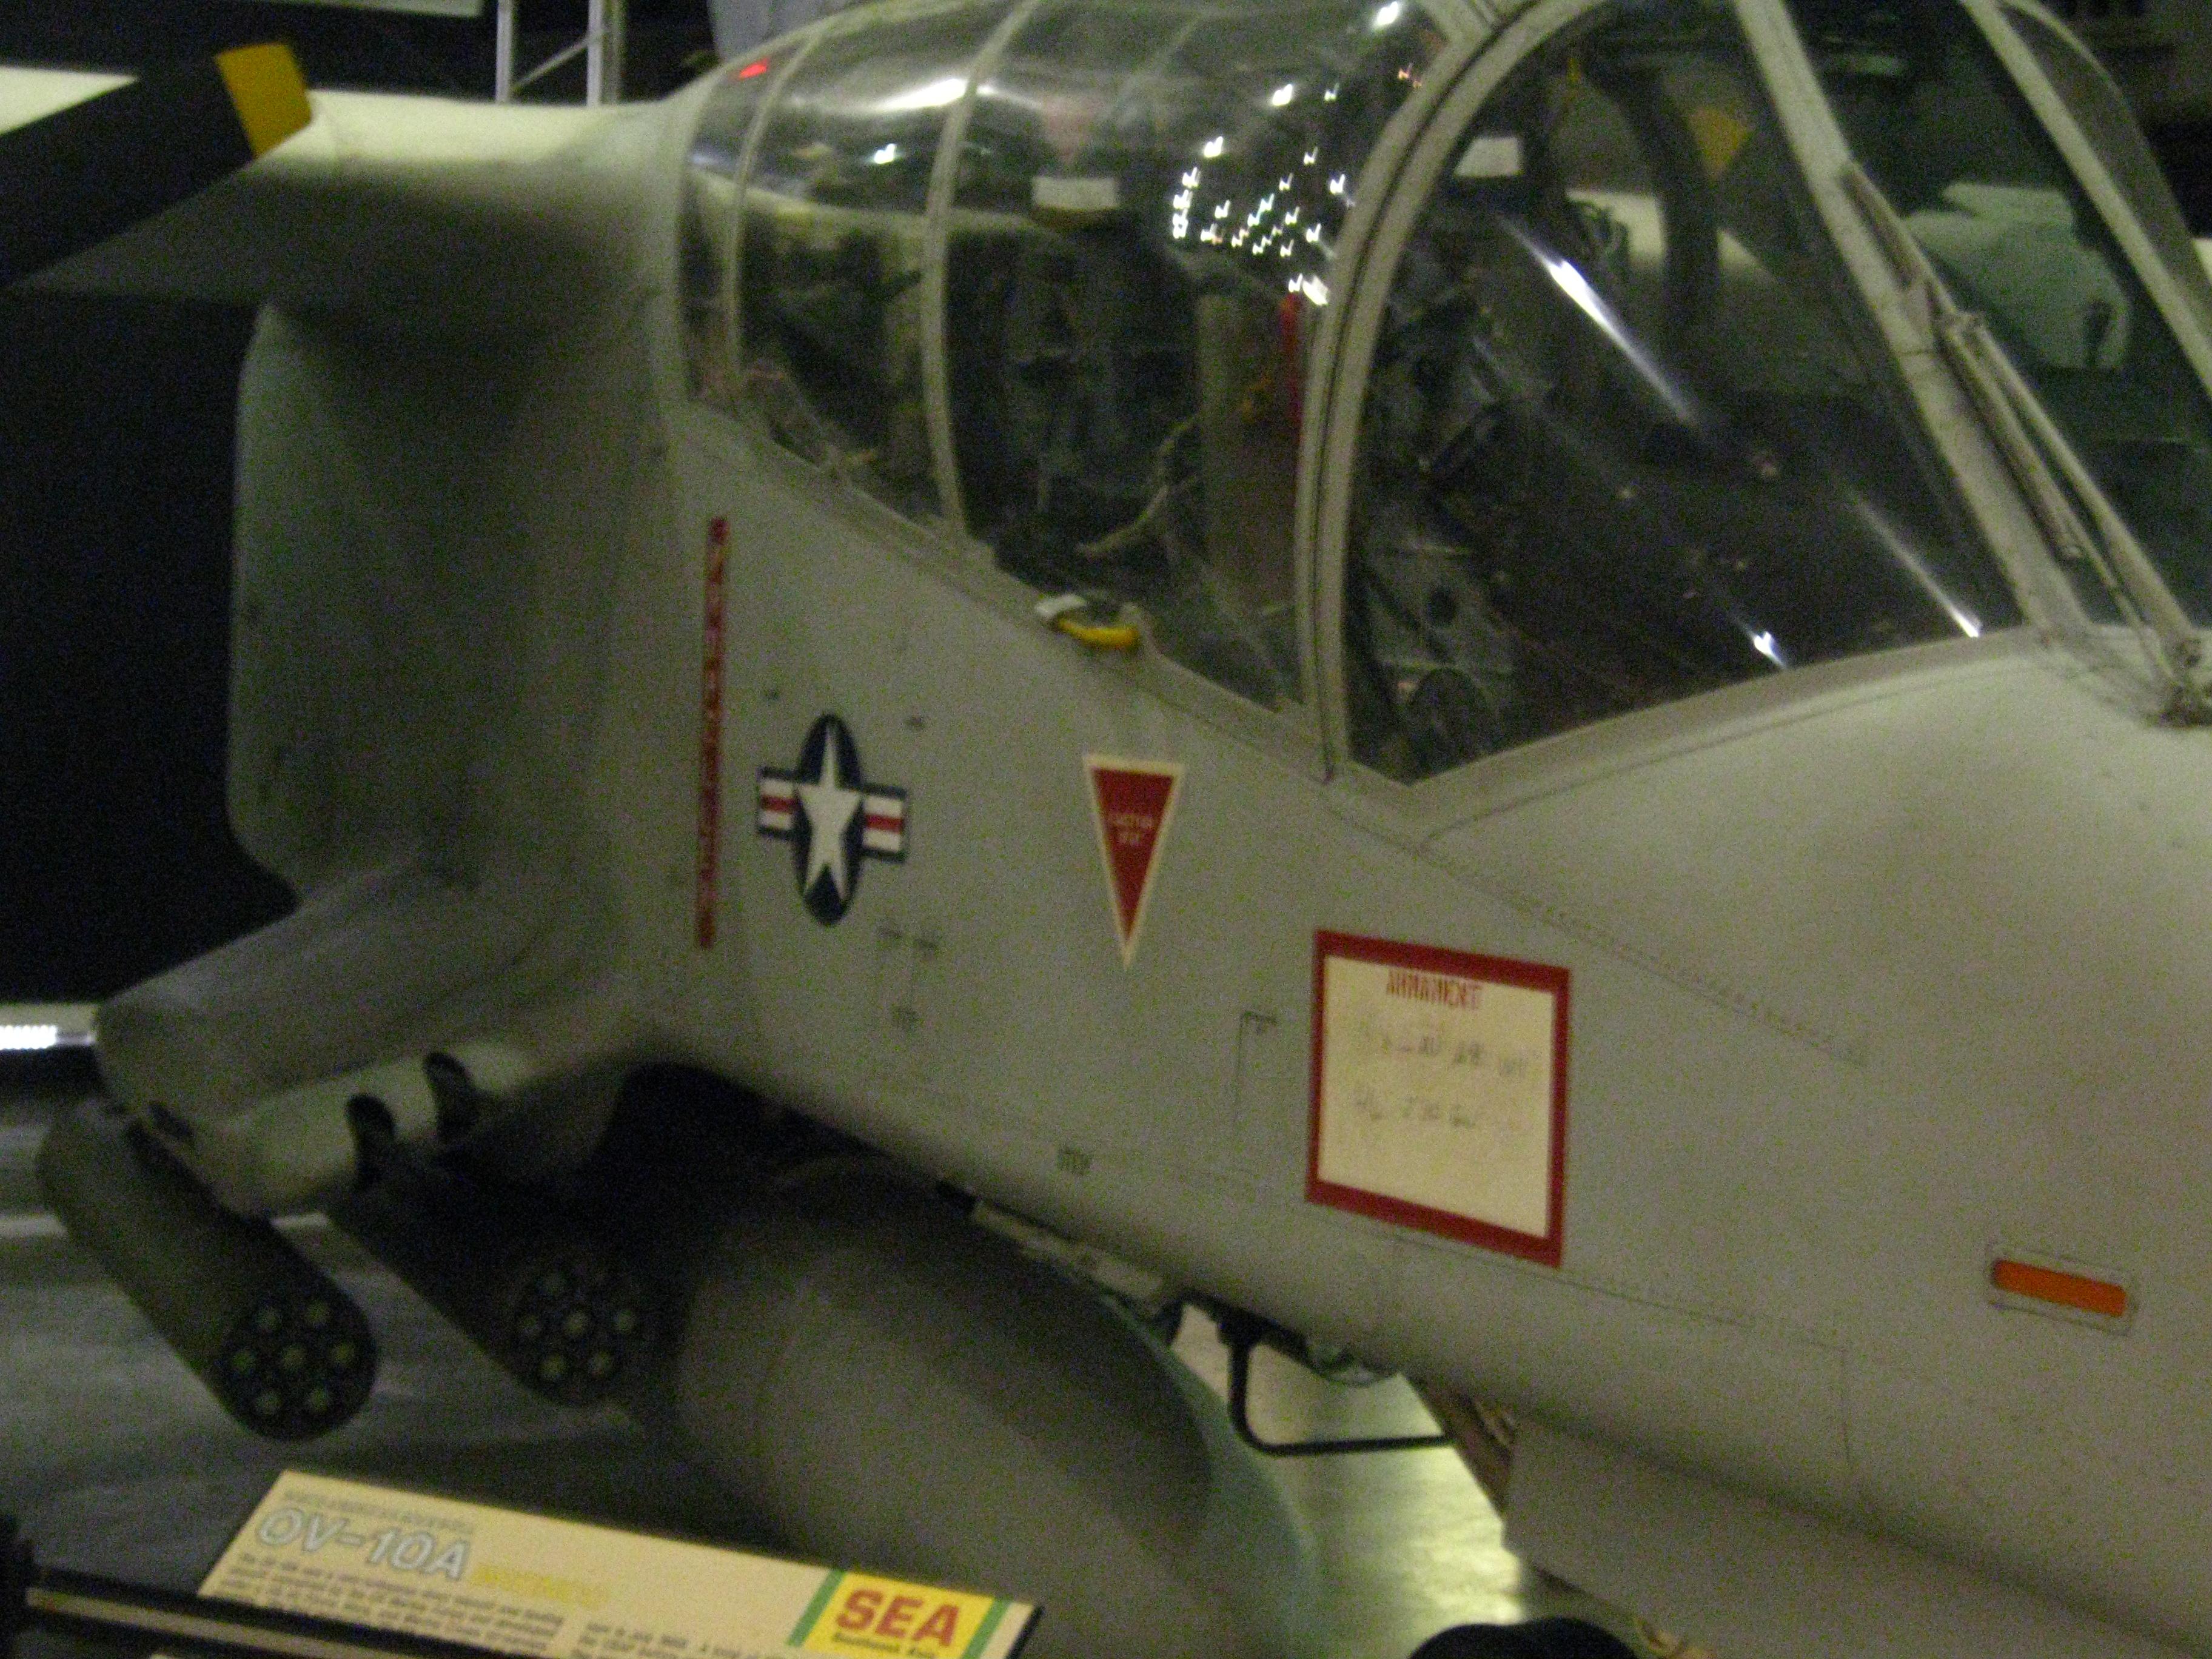 OV-10 Bronco and Cessna O-2 Skymaster | The Lexicans